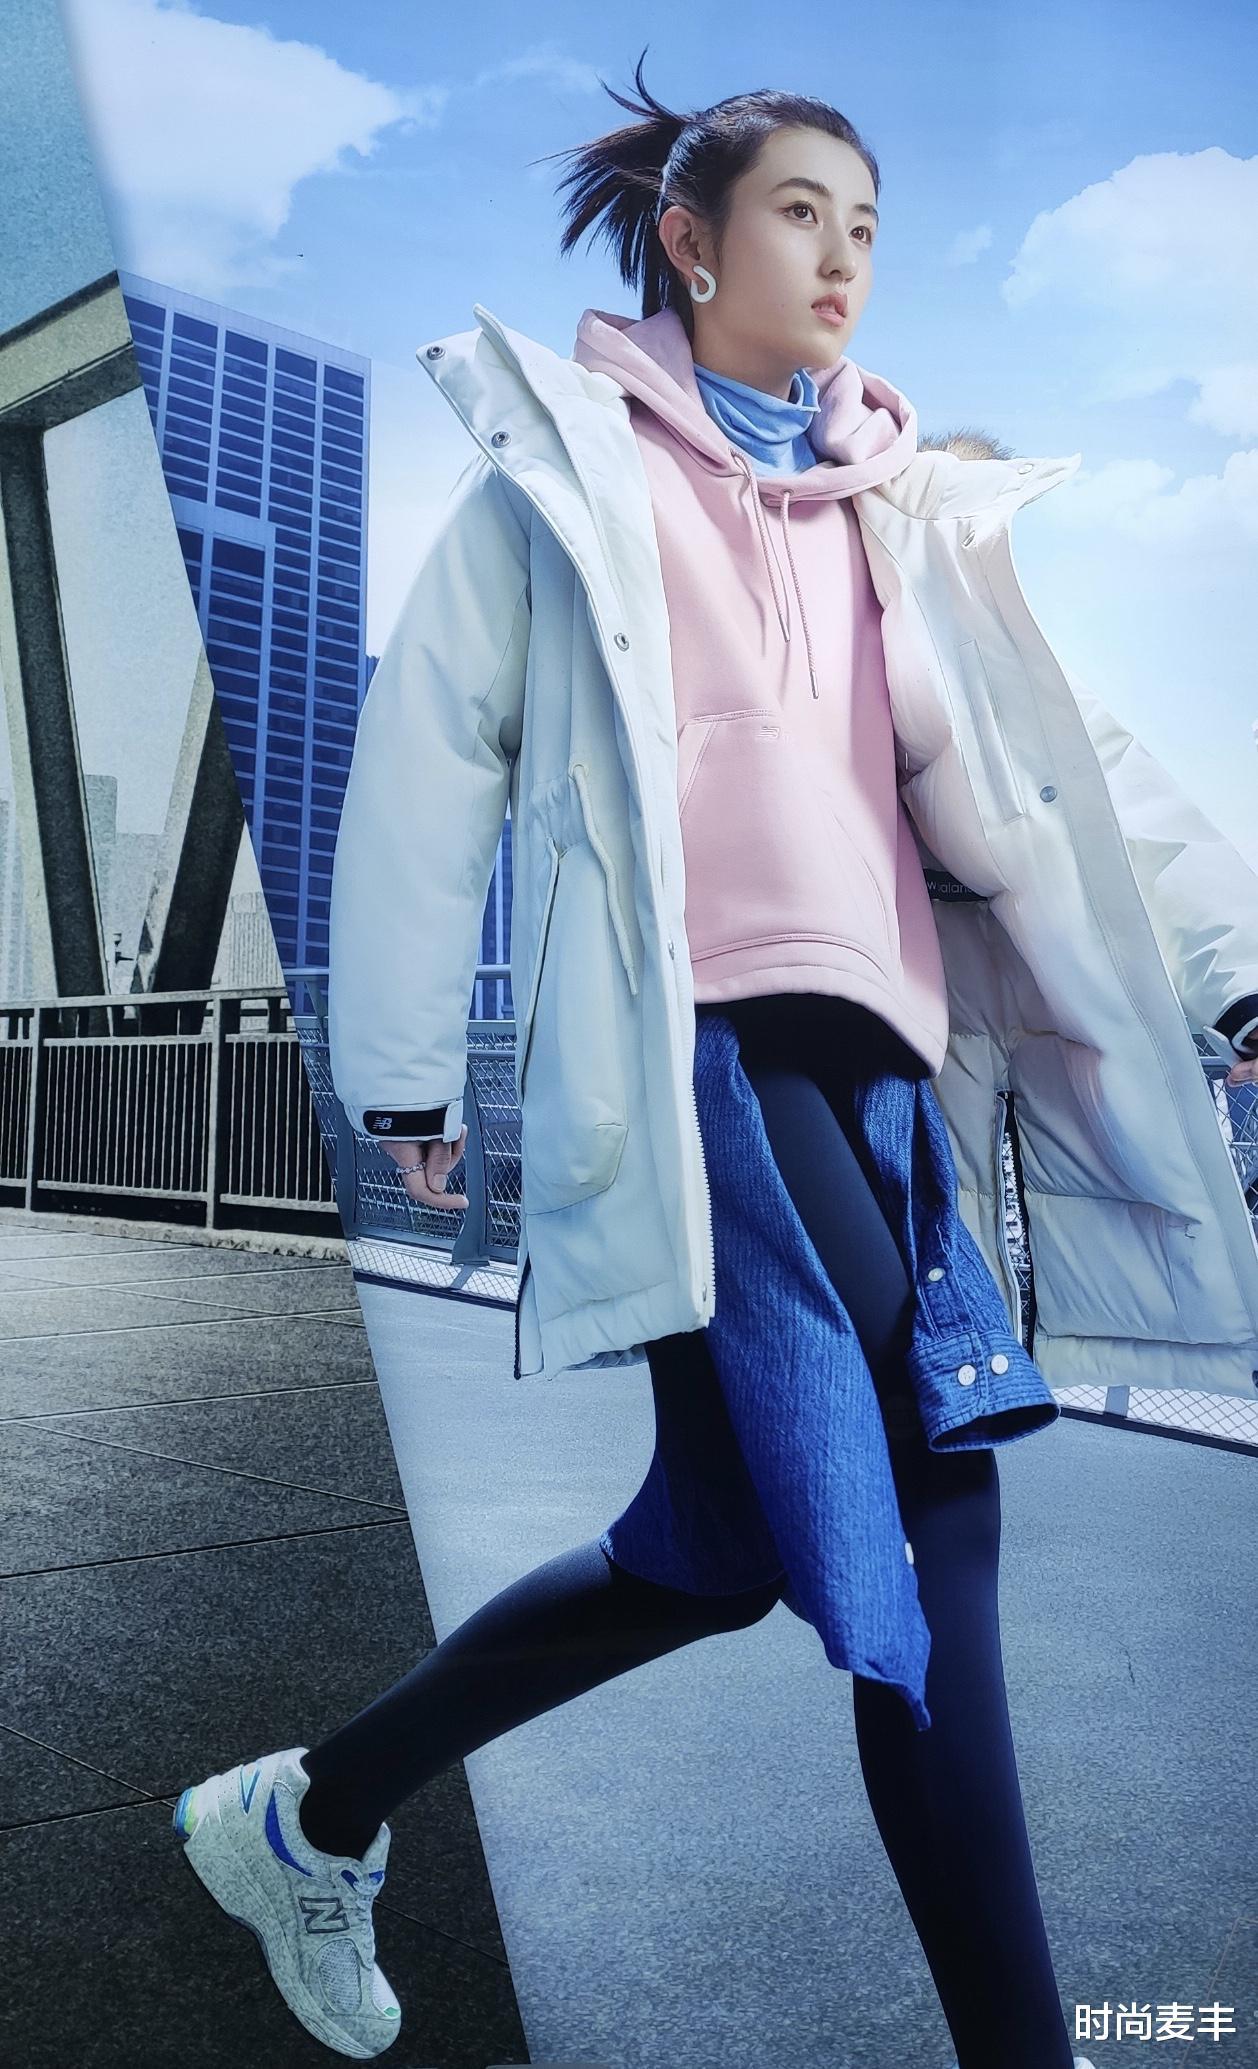 張子楓和孫儷妹妹成同學,代言運動品牌,白色羽絨衣秀冬季時尚-圖2